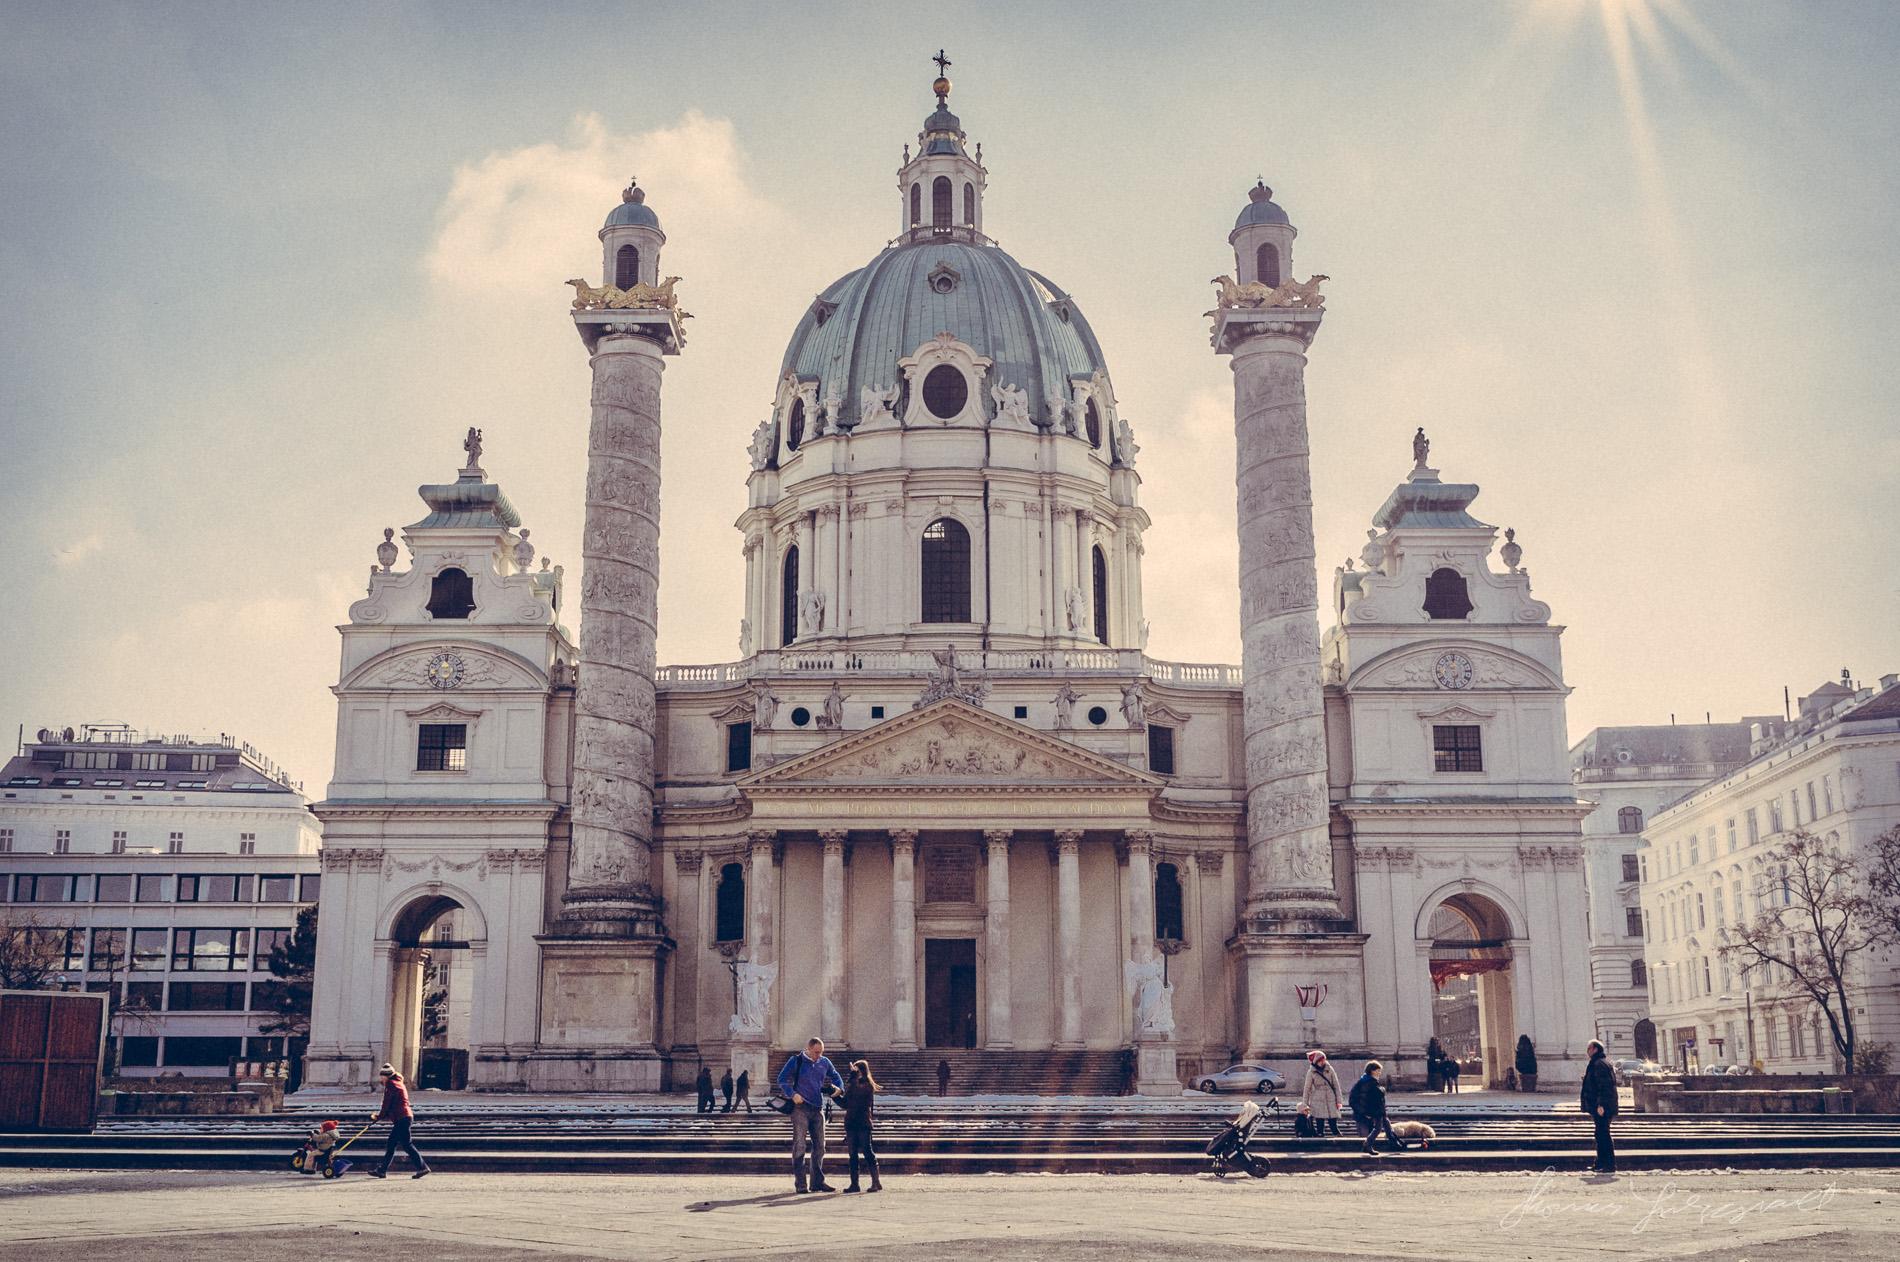 Old Church Vienna, Fujifilm X100